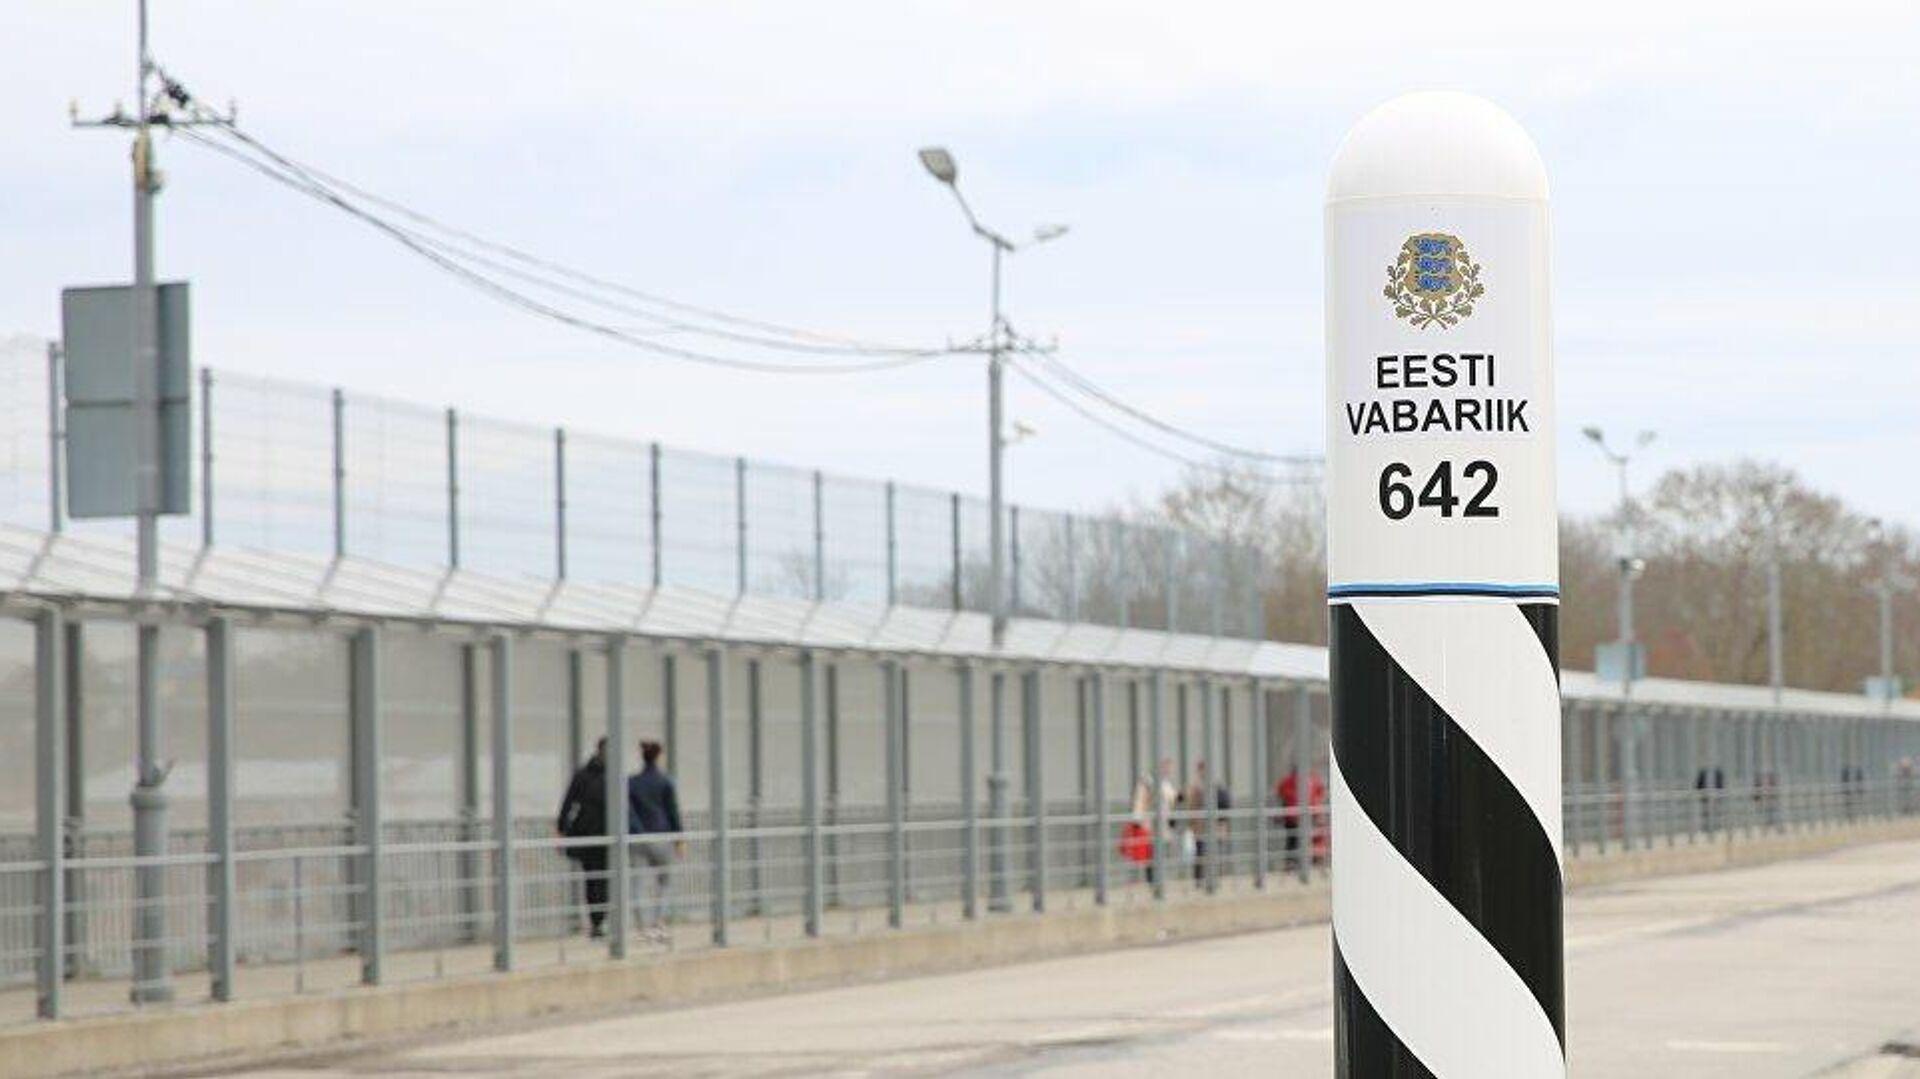 Пограничный столб на эстонско-российской границе в Нарве - РИА Новости, 1920, 24.02.2021